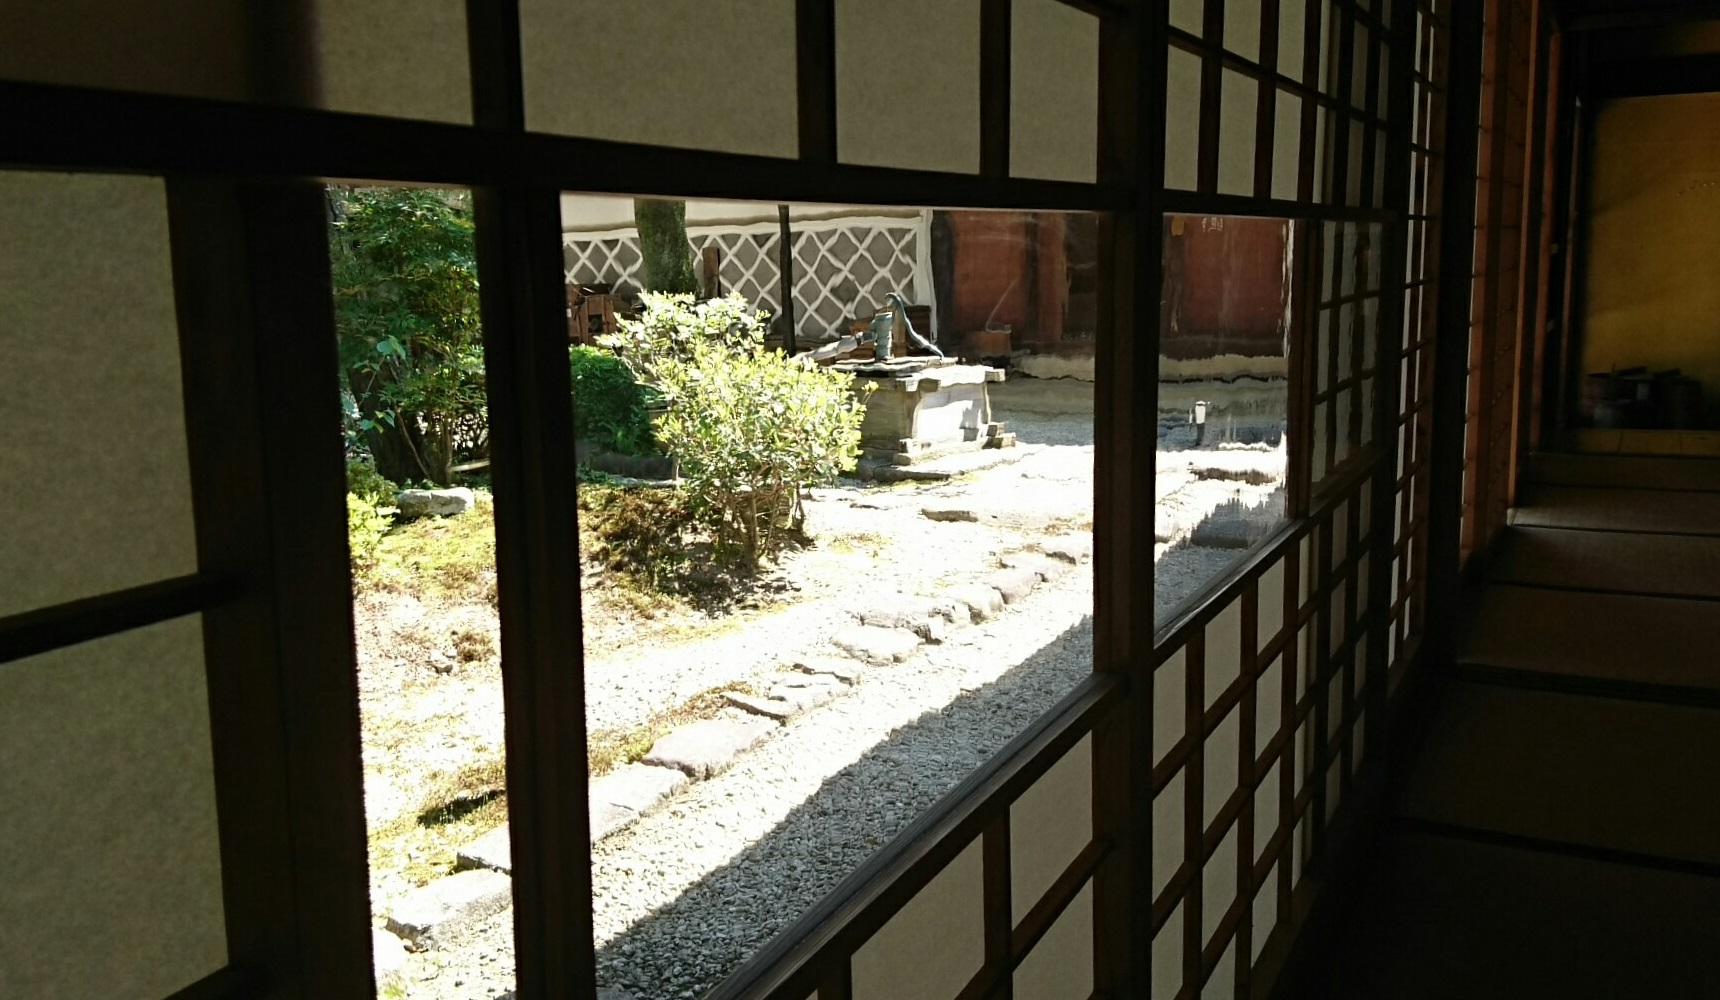 2017.5.19 大井 (65) 中山道ひし屋資料館 - しょうじのガラス 1720-1000